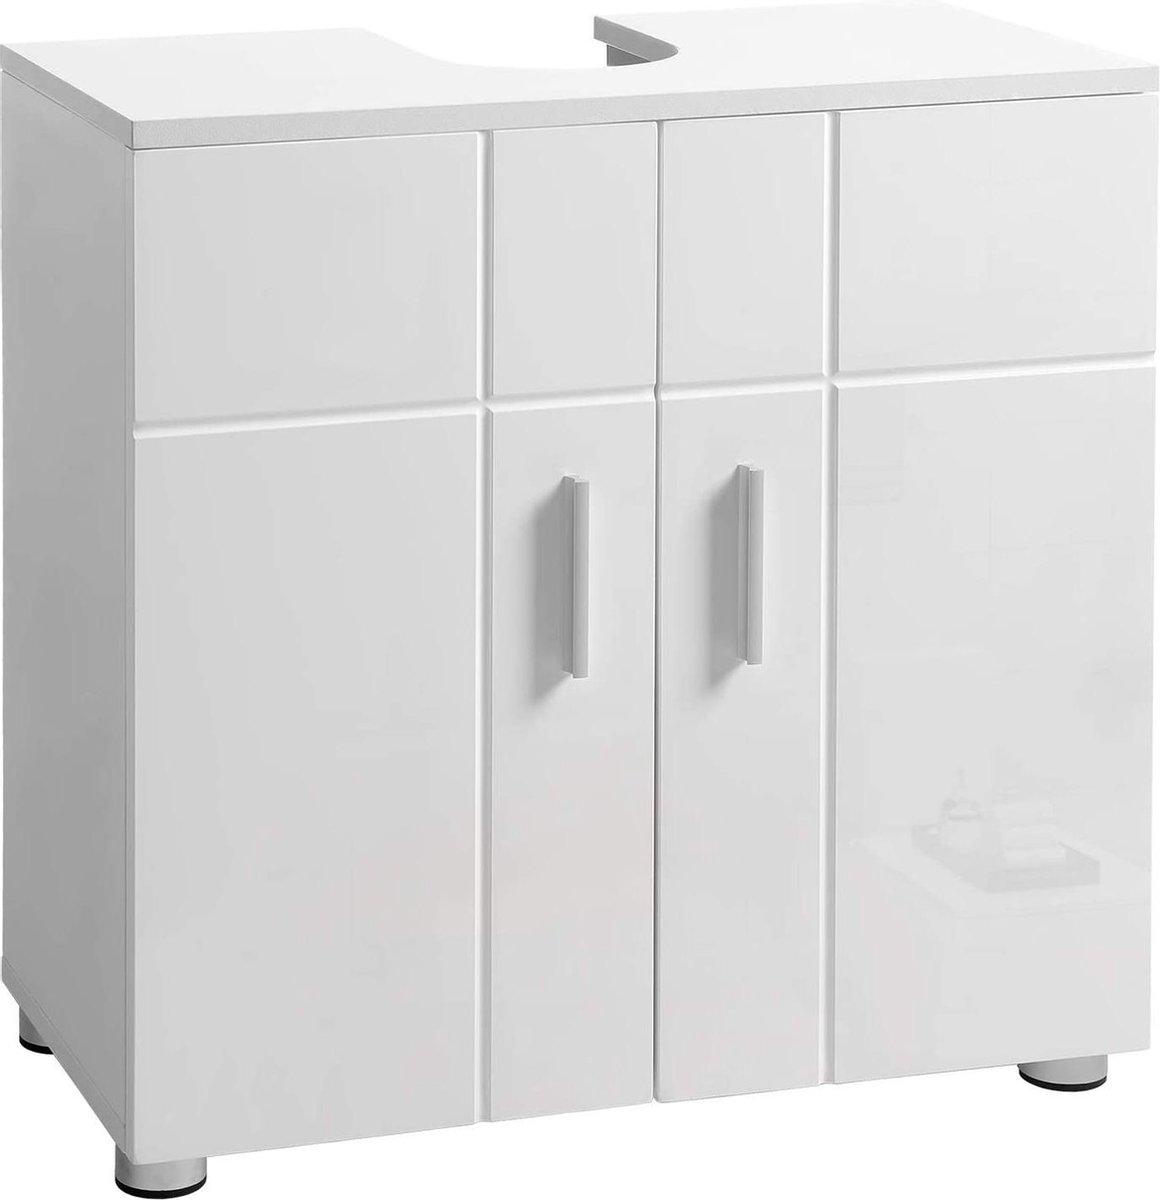 VASAGLE wastafelonderkast, badkamermeubel met dubbele deur en verstelbare planken, onderkast met scharnierdemping en stelvoeten, 60 x 30 x 60 cm, wit BBK02WT